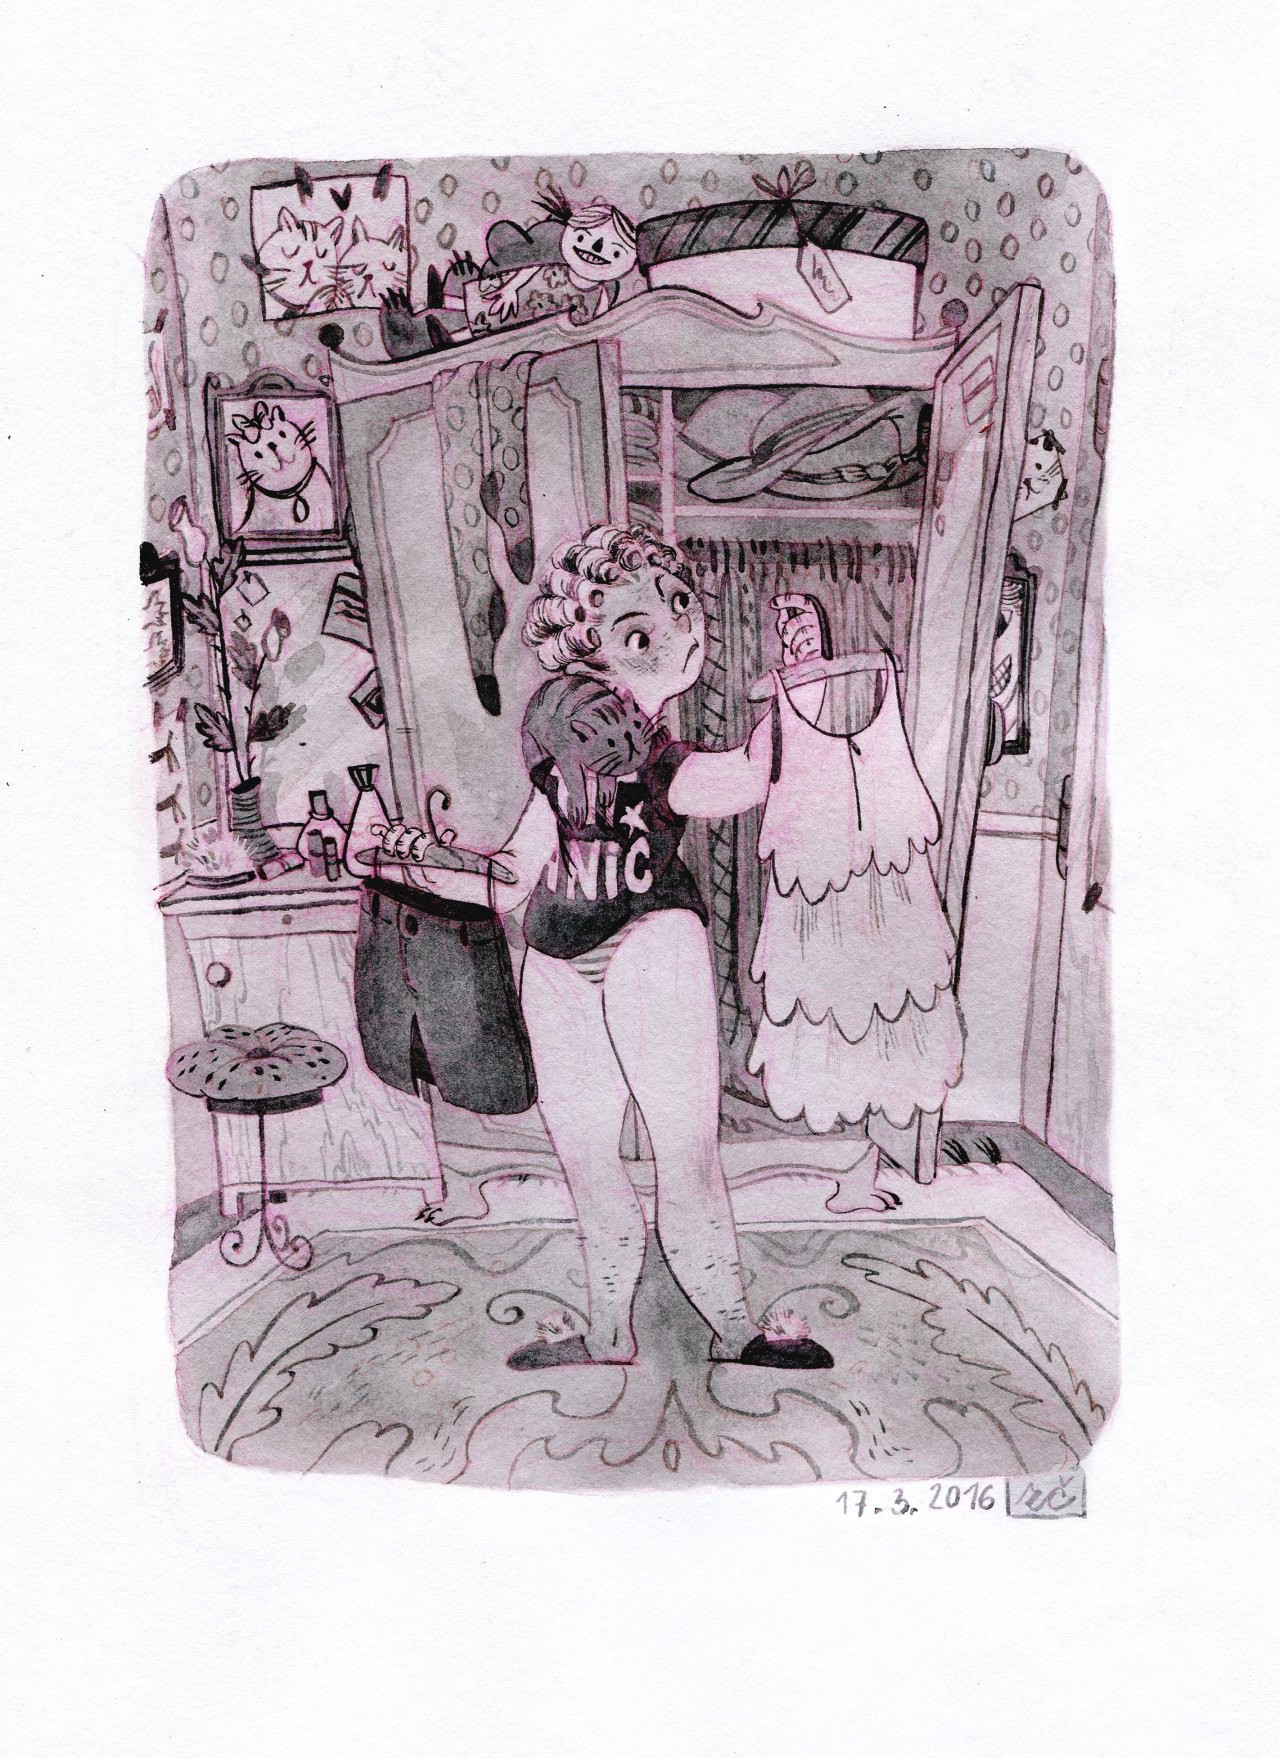 suwi 手绘卡通插画欣赏